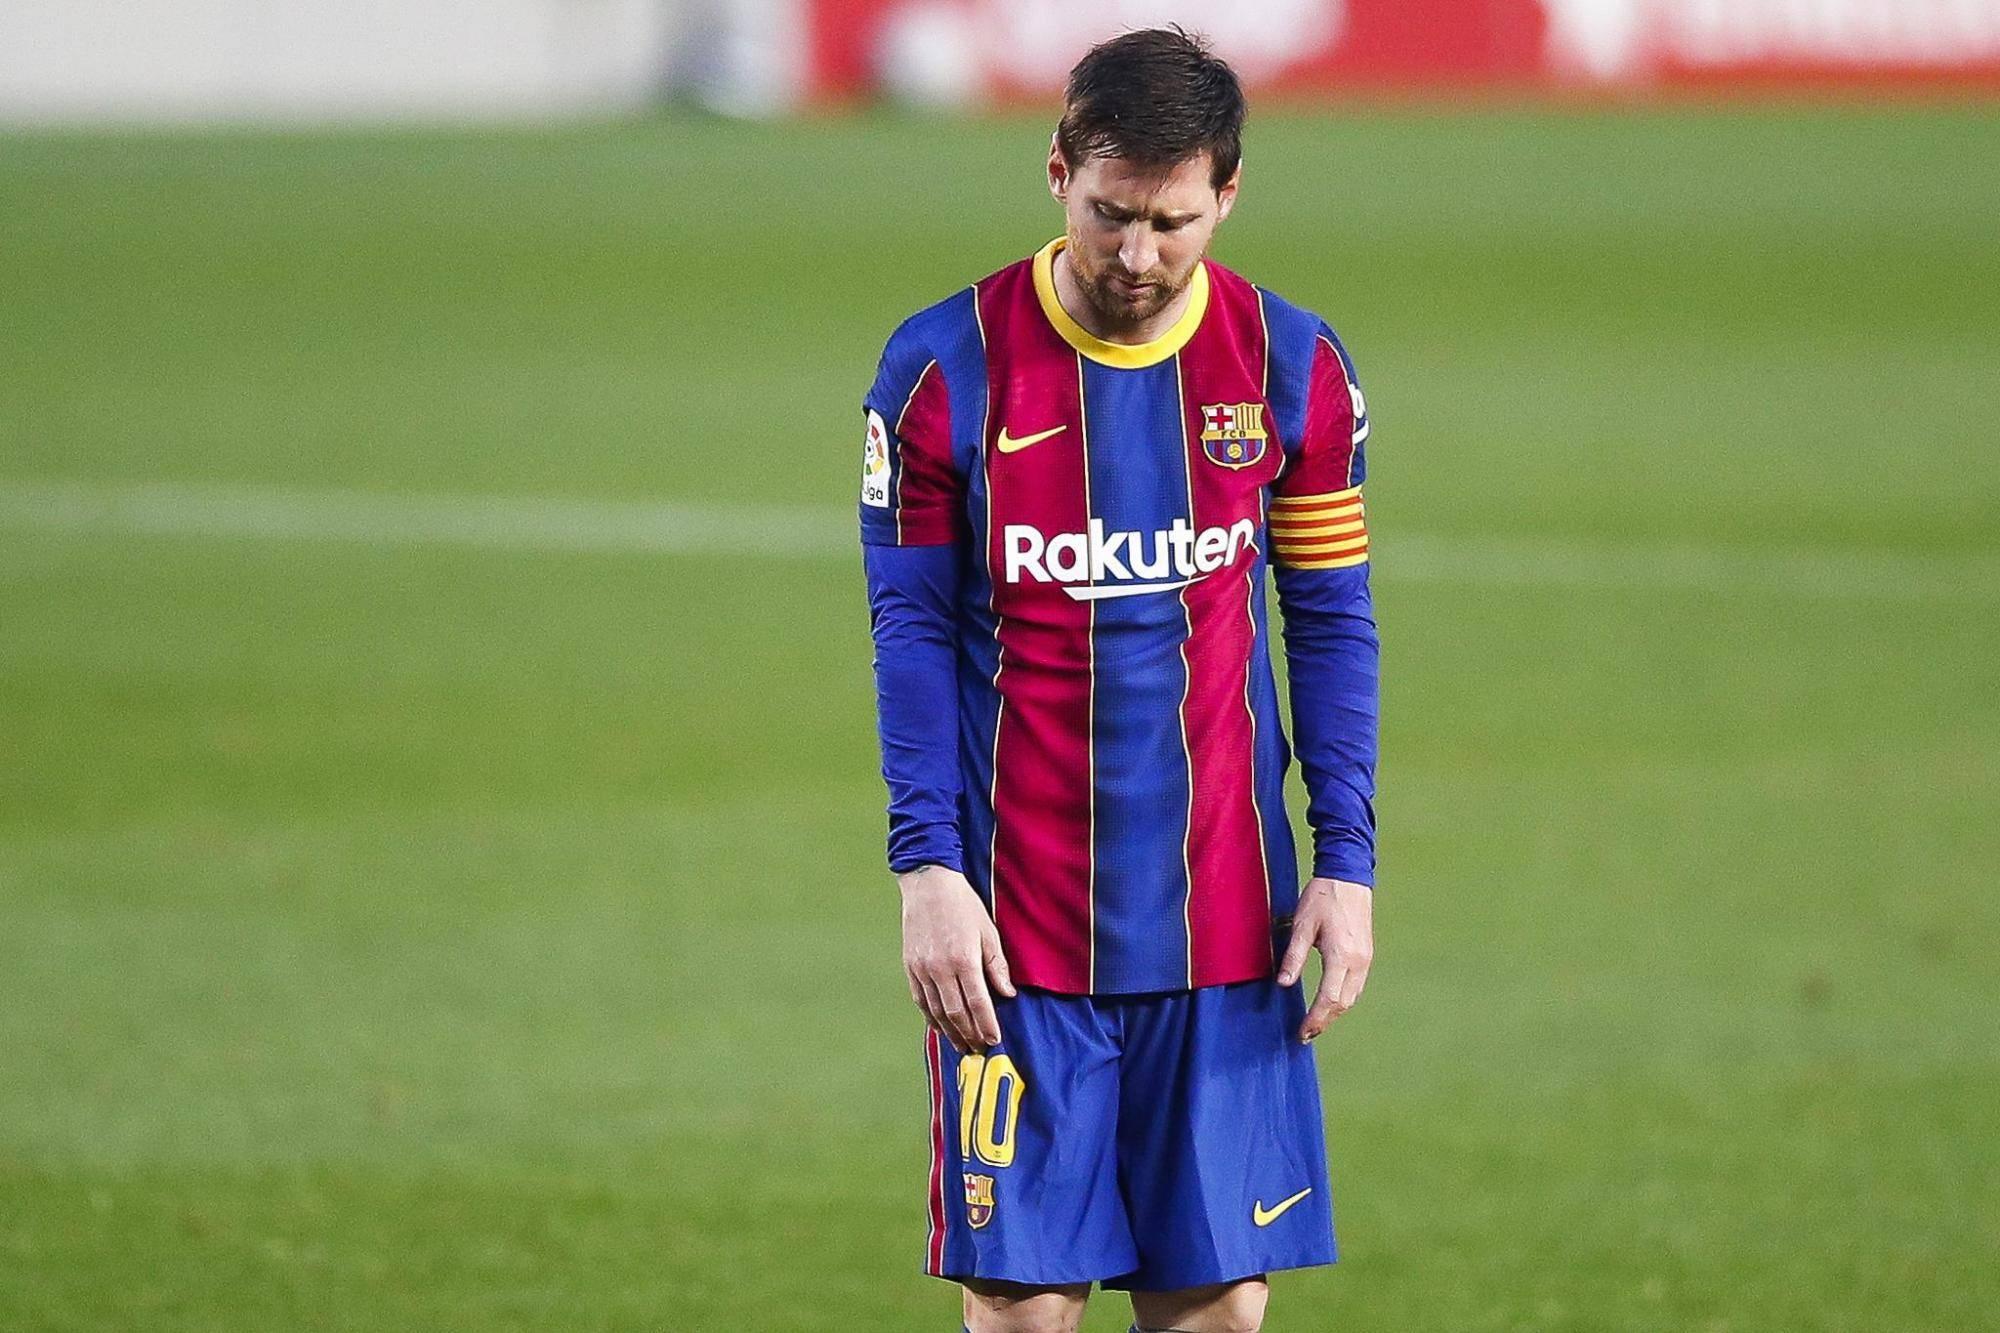 梅西太难了!连过7人未破门无缘西甲冠军,或错失金球奖